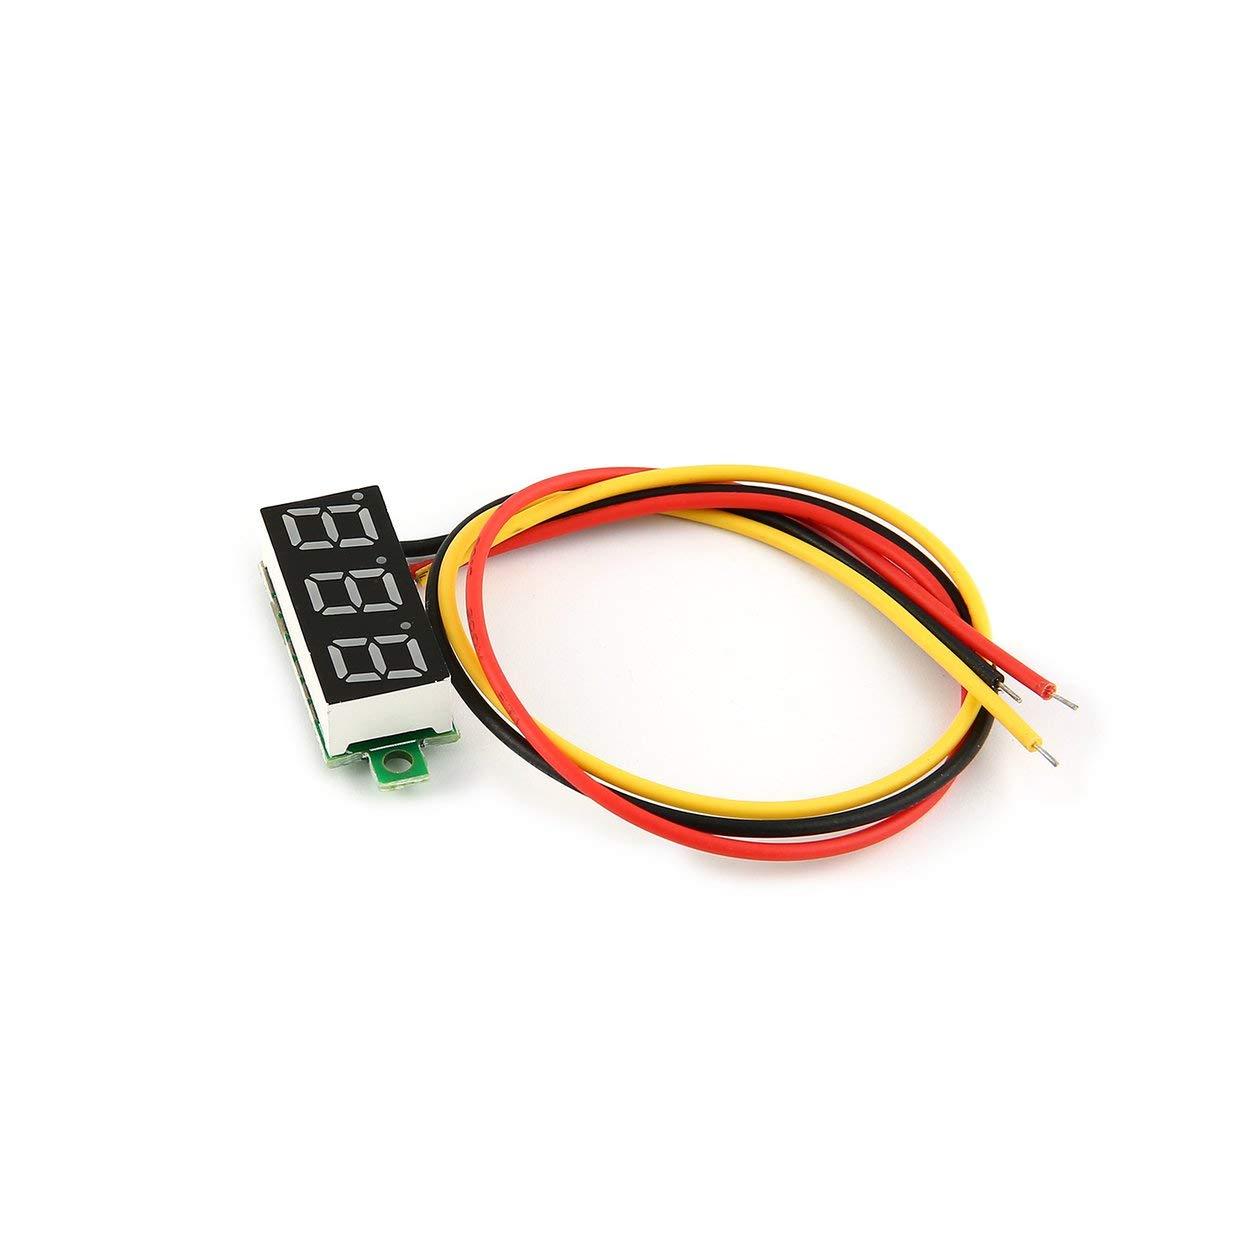 0-100V 0.28in 3 fils LED panneau daffichage num/érique voltm/ètre testeur de tension /électrique voltm/ètre pour batterie Auto CarGreen couleur: noir